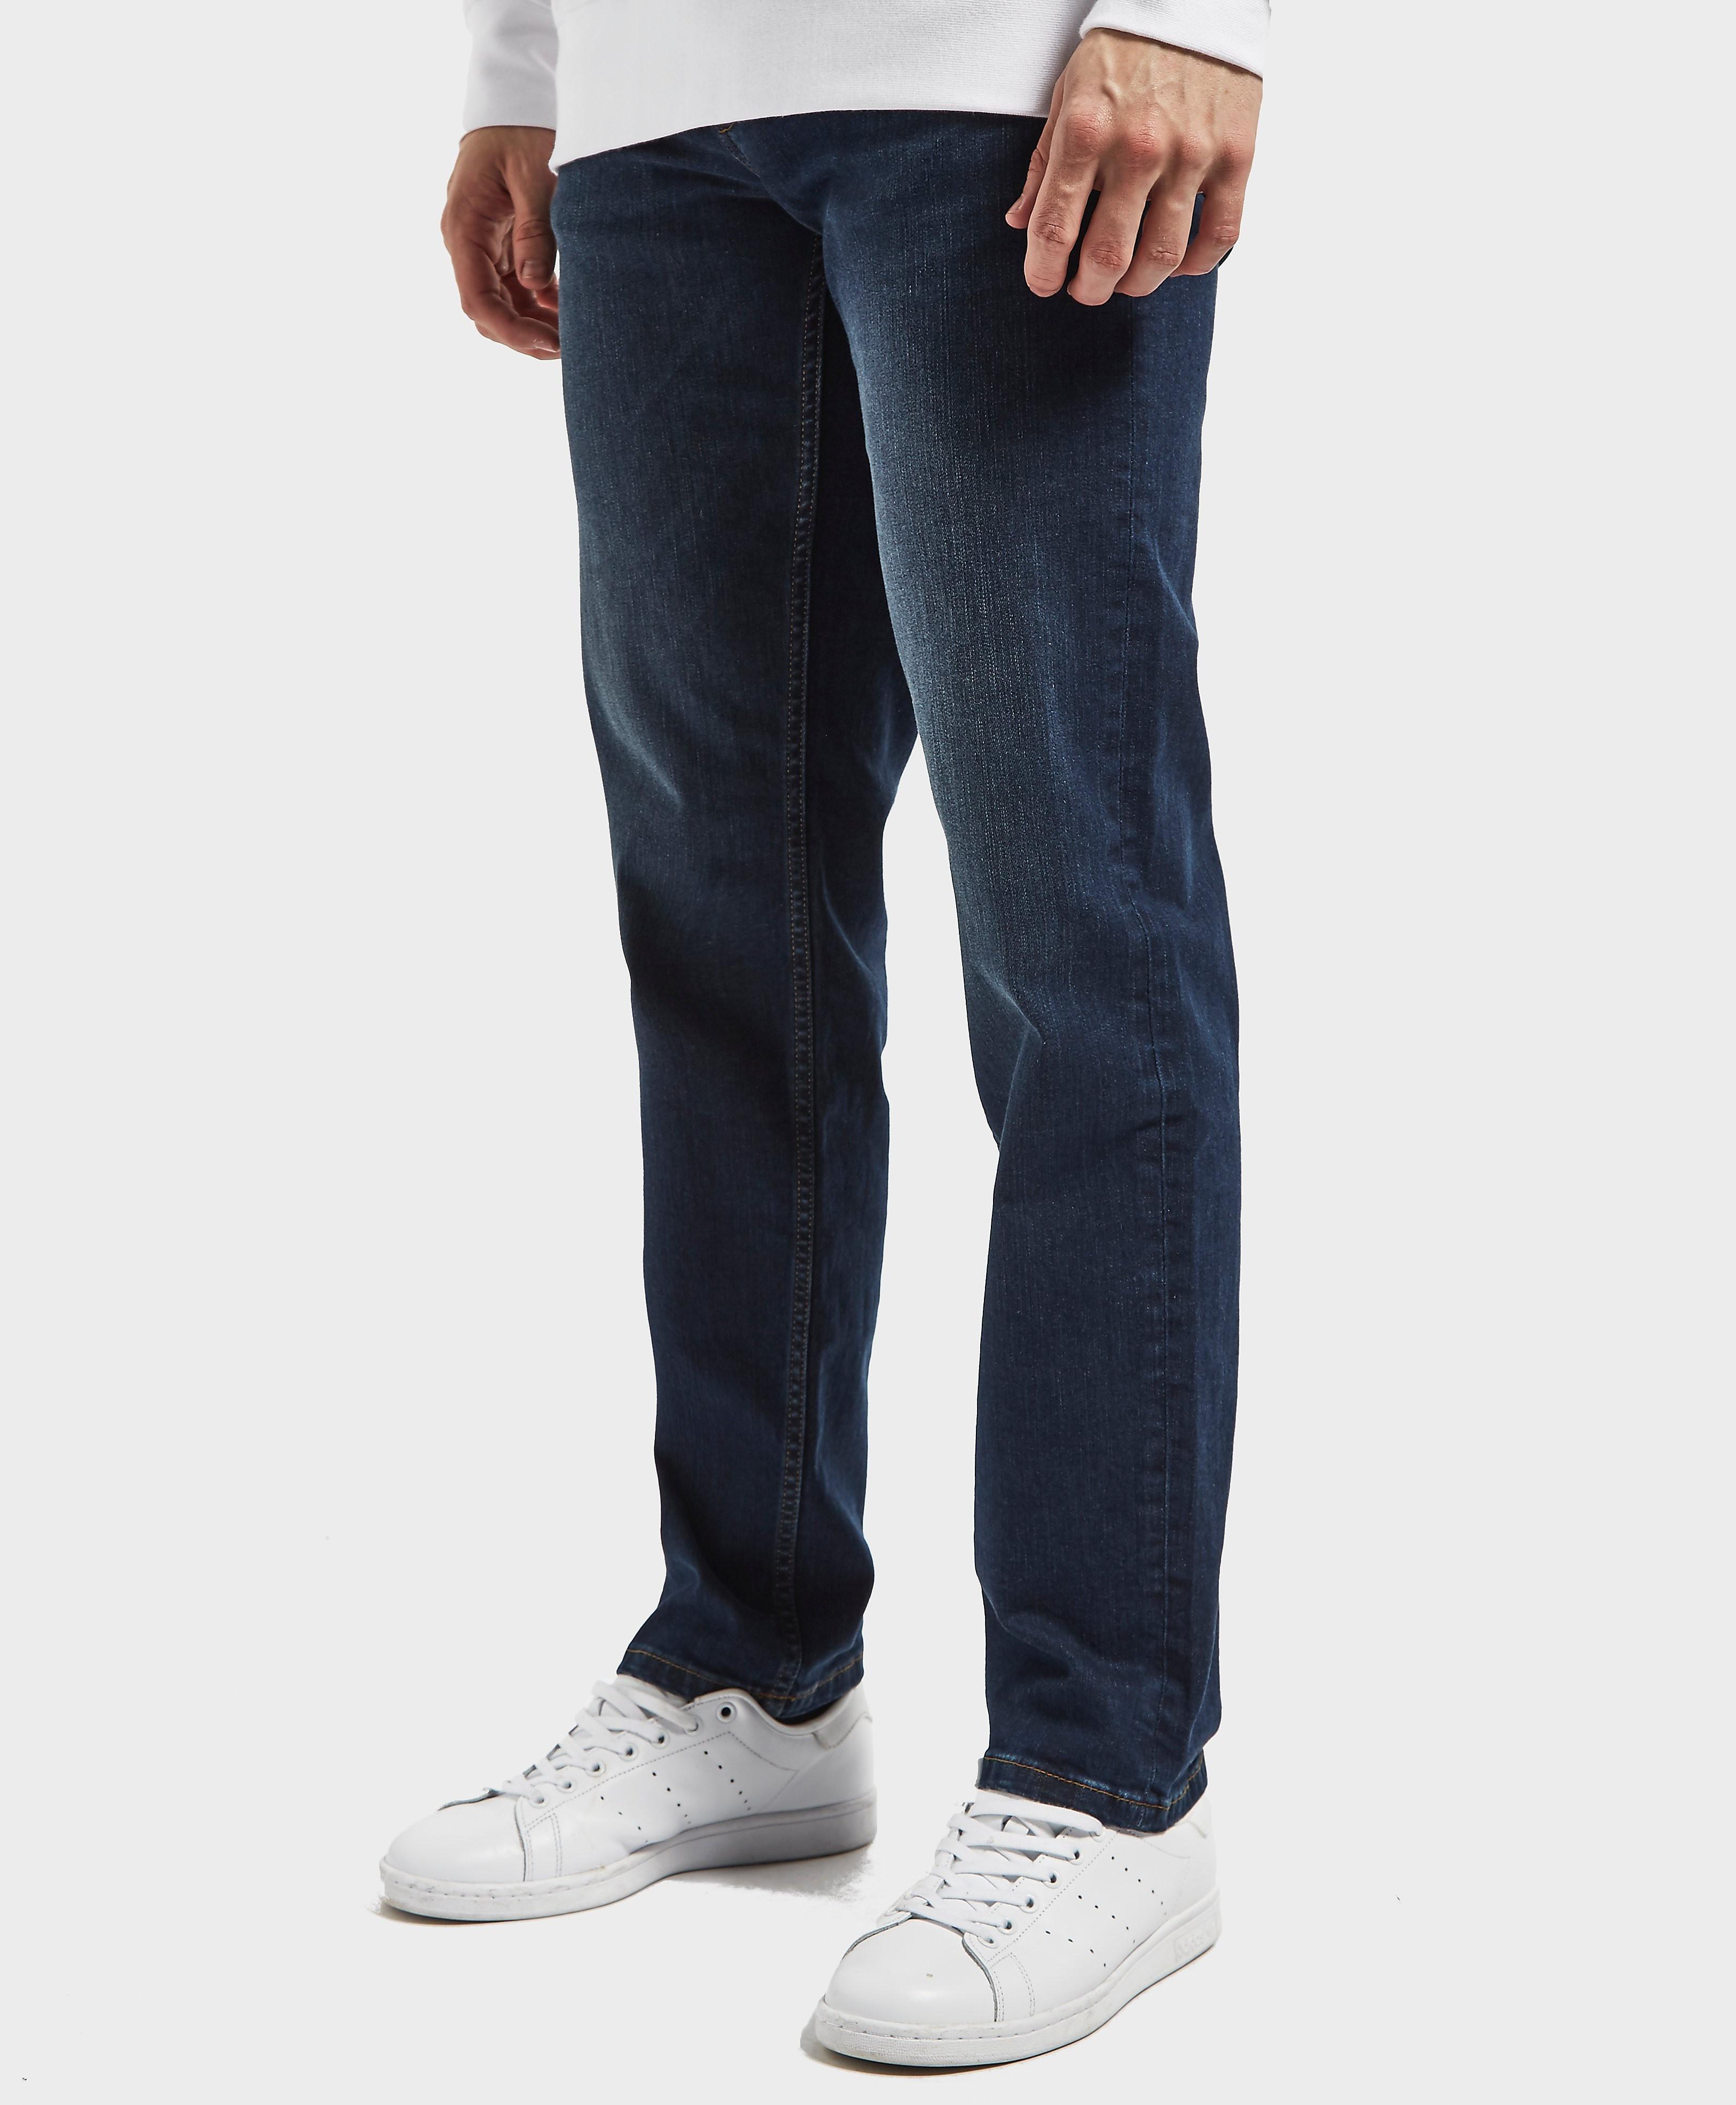 Henri Lloyd Manston Regular Leg Jean